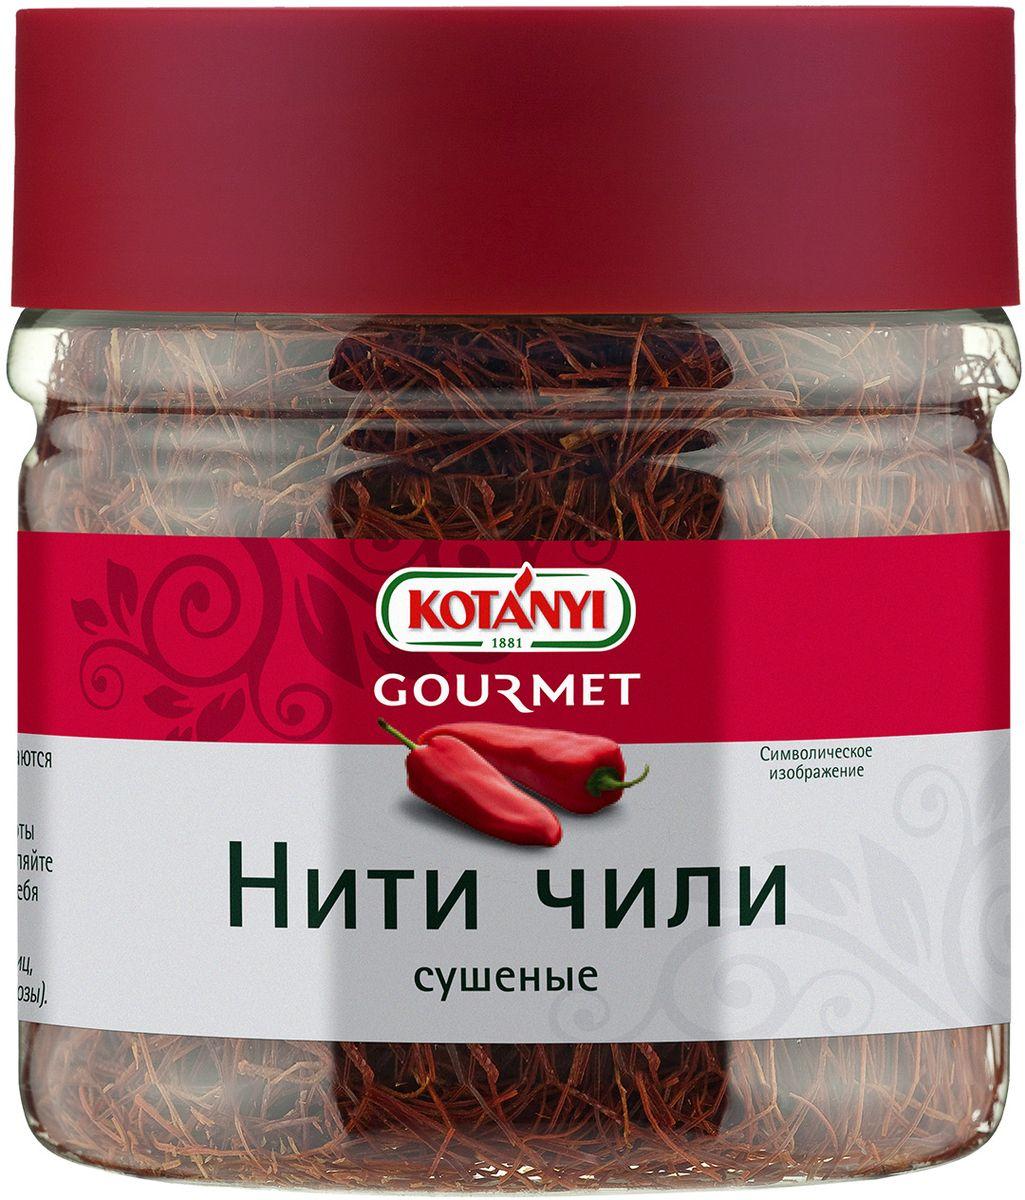 Kotanyi Нити чили сушеные, 45 г734111Нити чили сушеные Kotanyi отличаются умеренно острым вкусом. Подходят для придания приятной легкой остроты всем блюдам, а также для украшения блюд. Добавляйте нити чили в начале готовки, чтобы они впитали в себя жидкость.Приправы для 7 видов блюд: от мяса до десерта. Статья OZON Гид